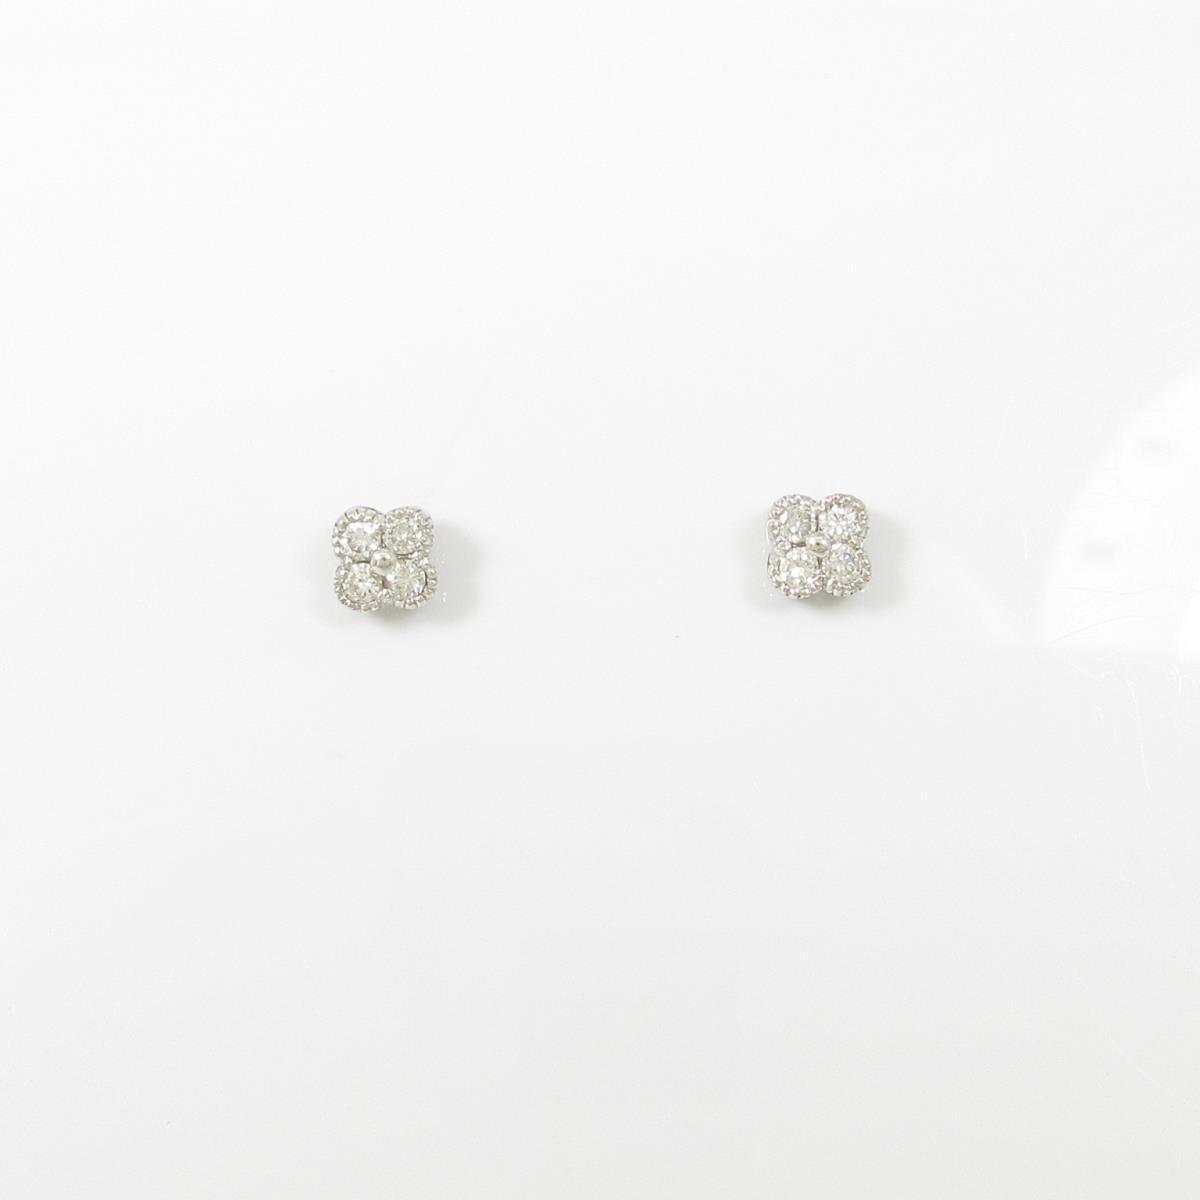 【リメイク】K18WG フラワー ダイヤモンドピアス【中古】